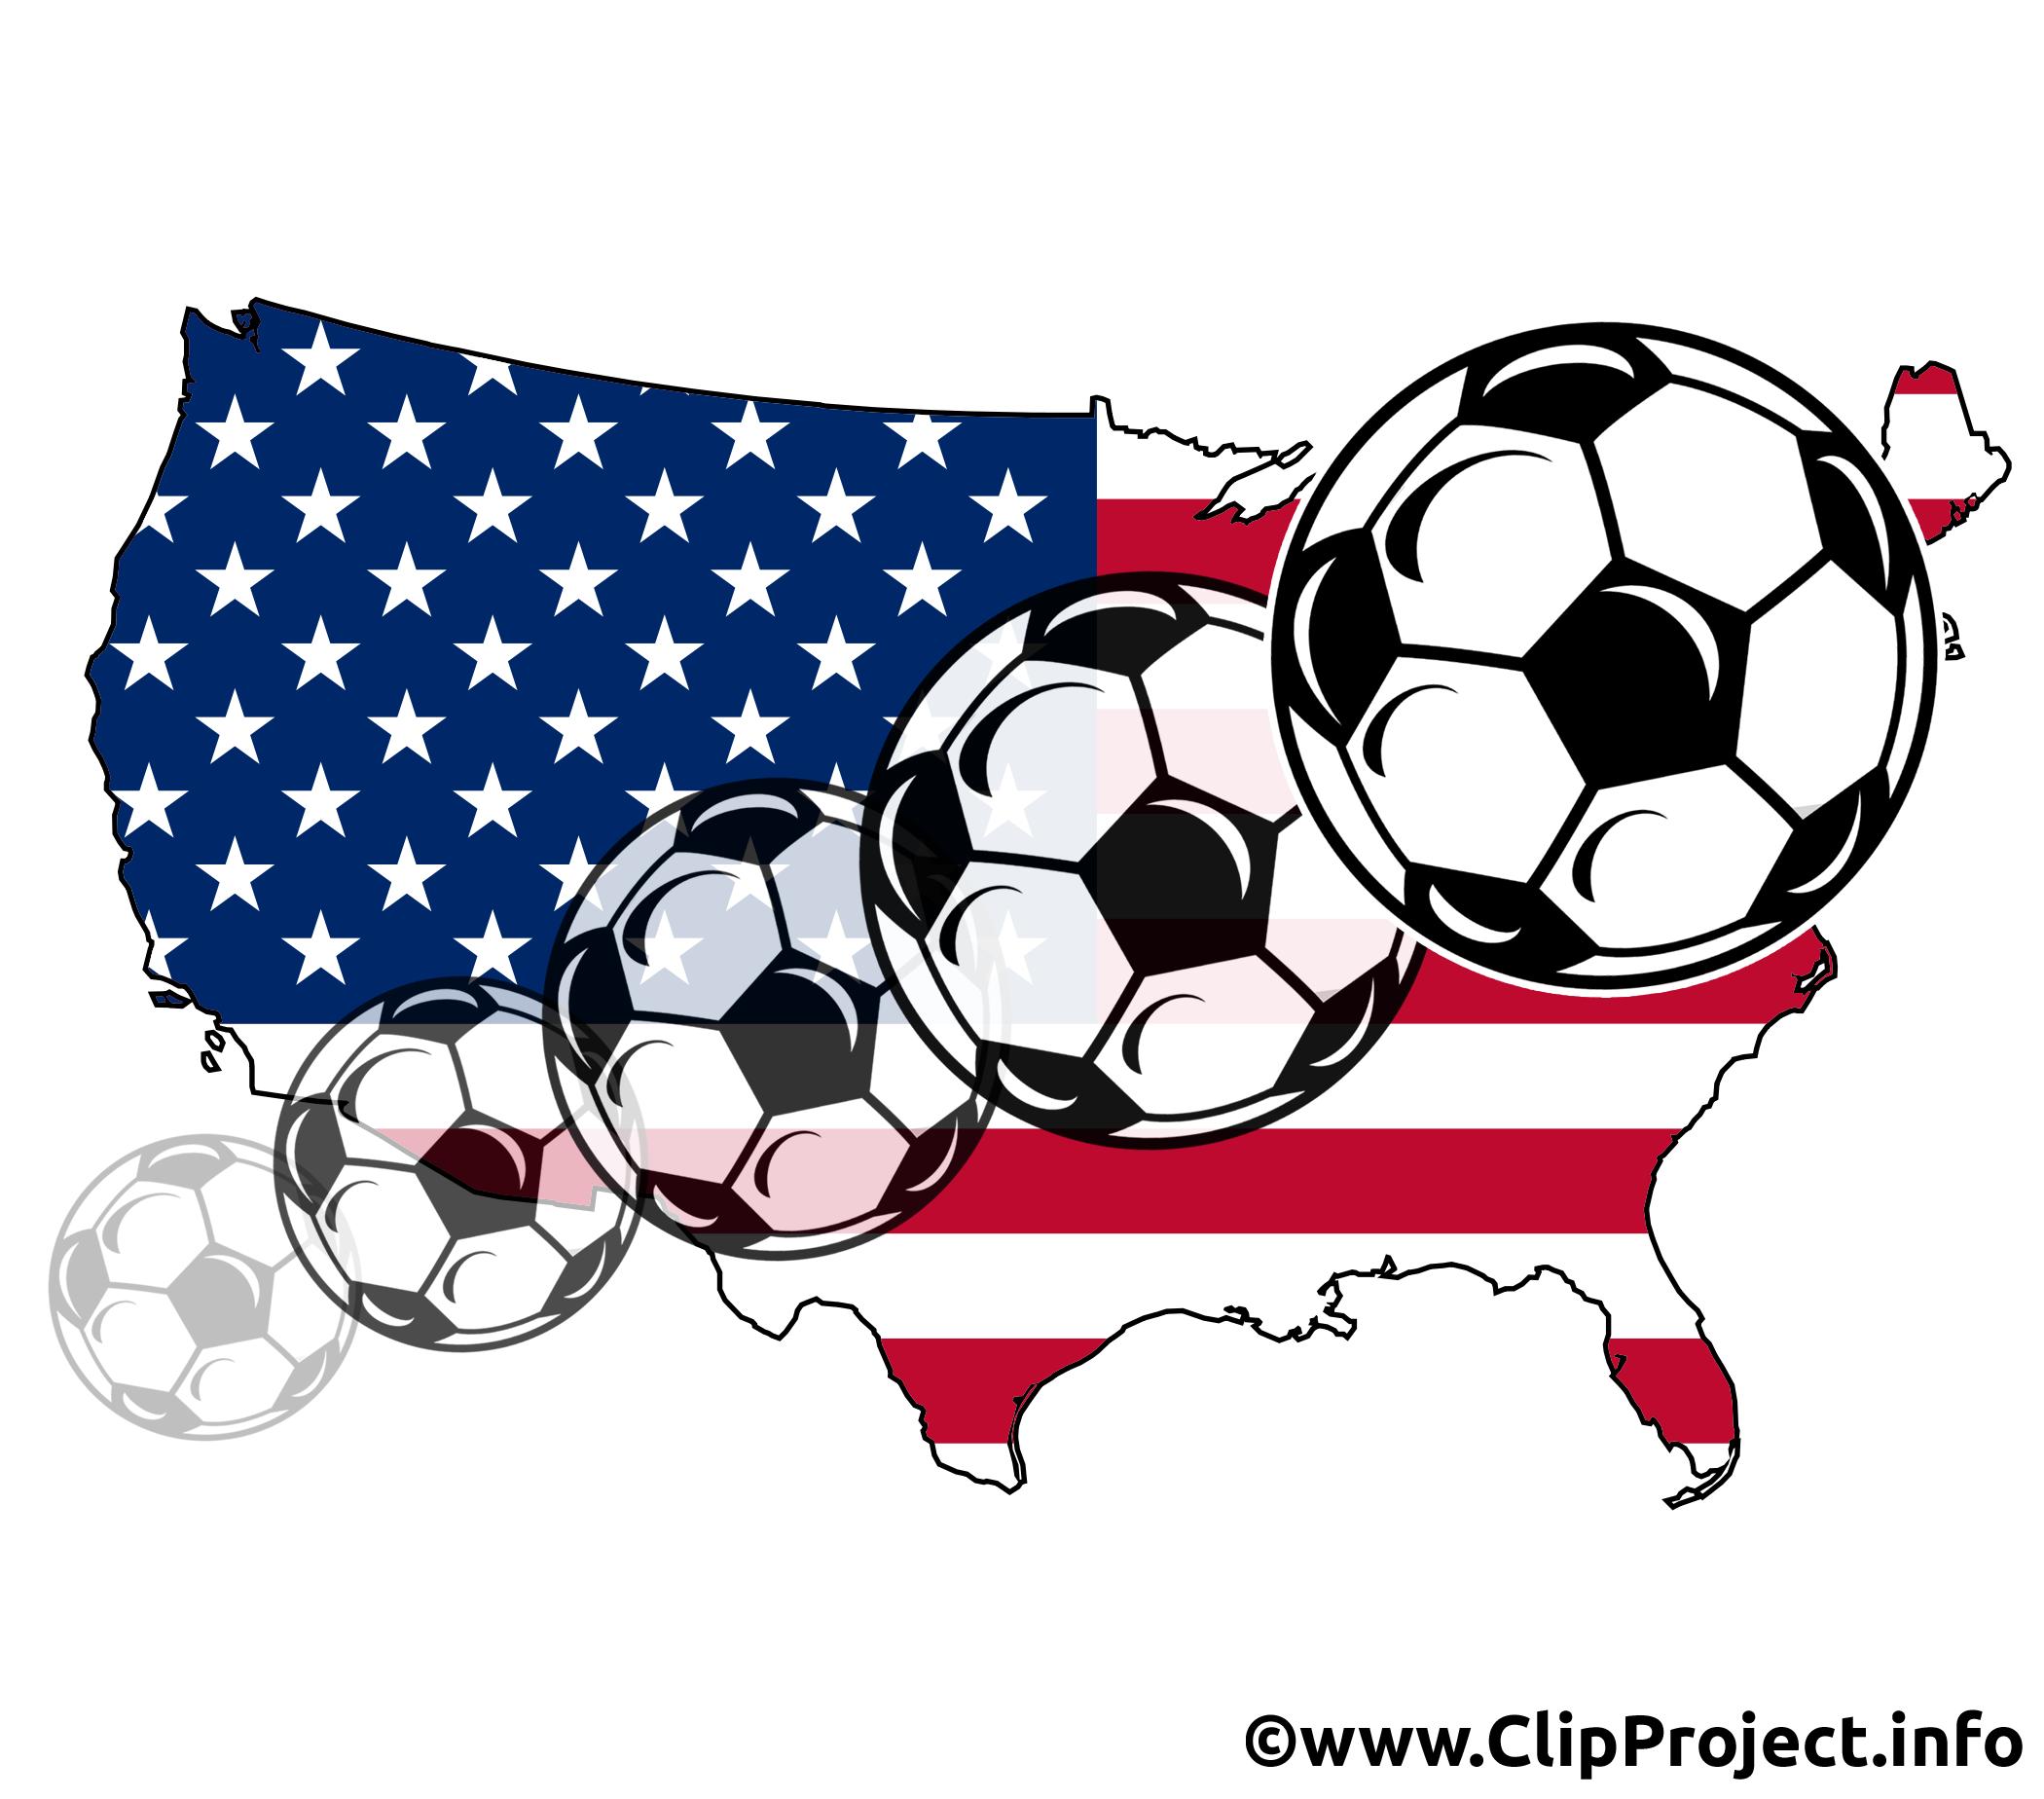 Football images cliparts - Amérique image